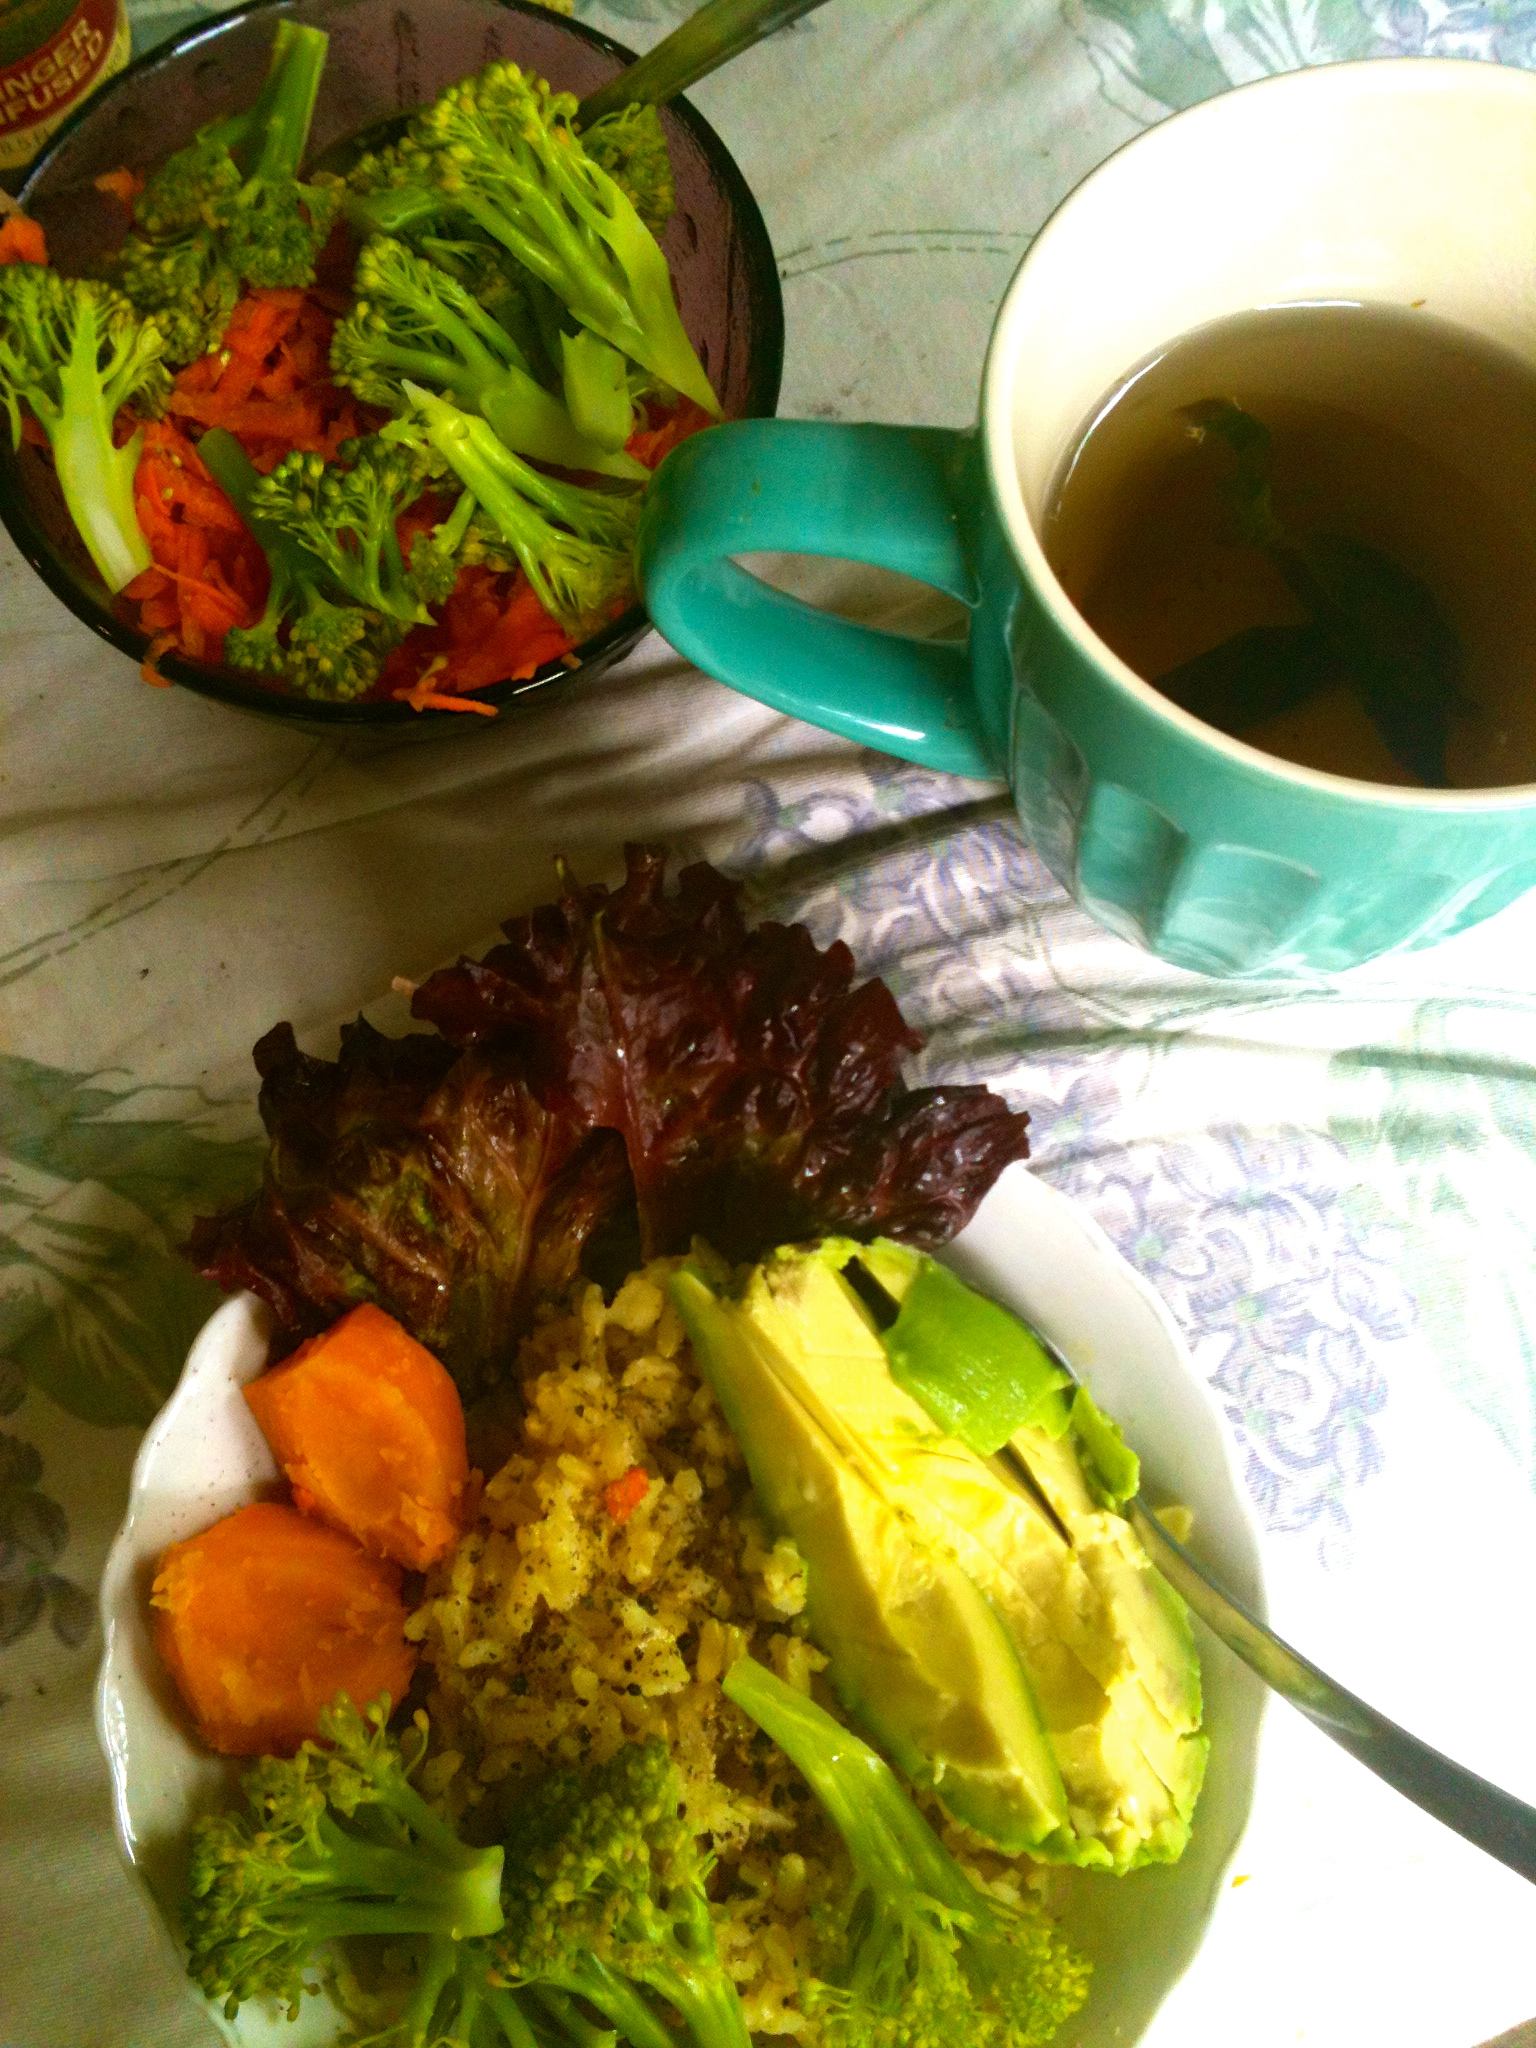 Organic veggies from local farmers in Puerto Viejo, Costa Rica & Chamomile tea